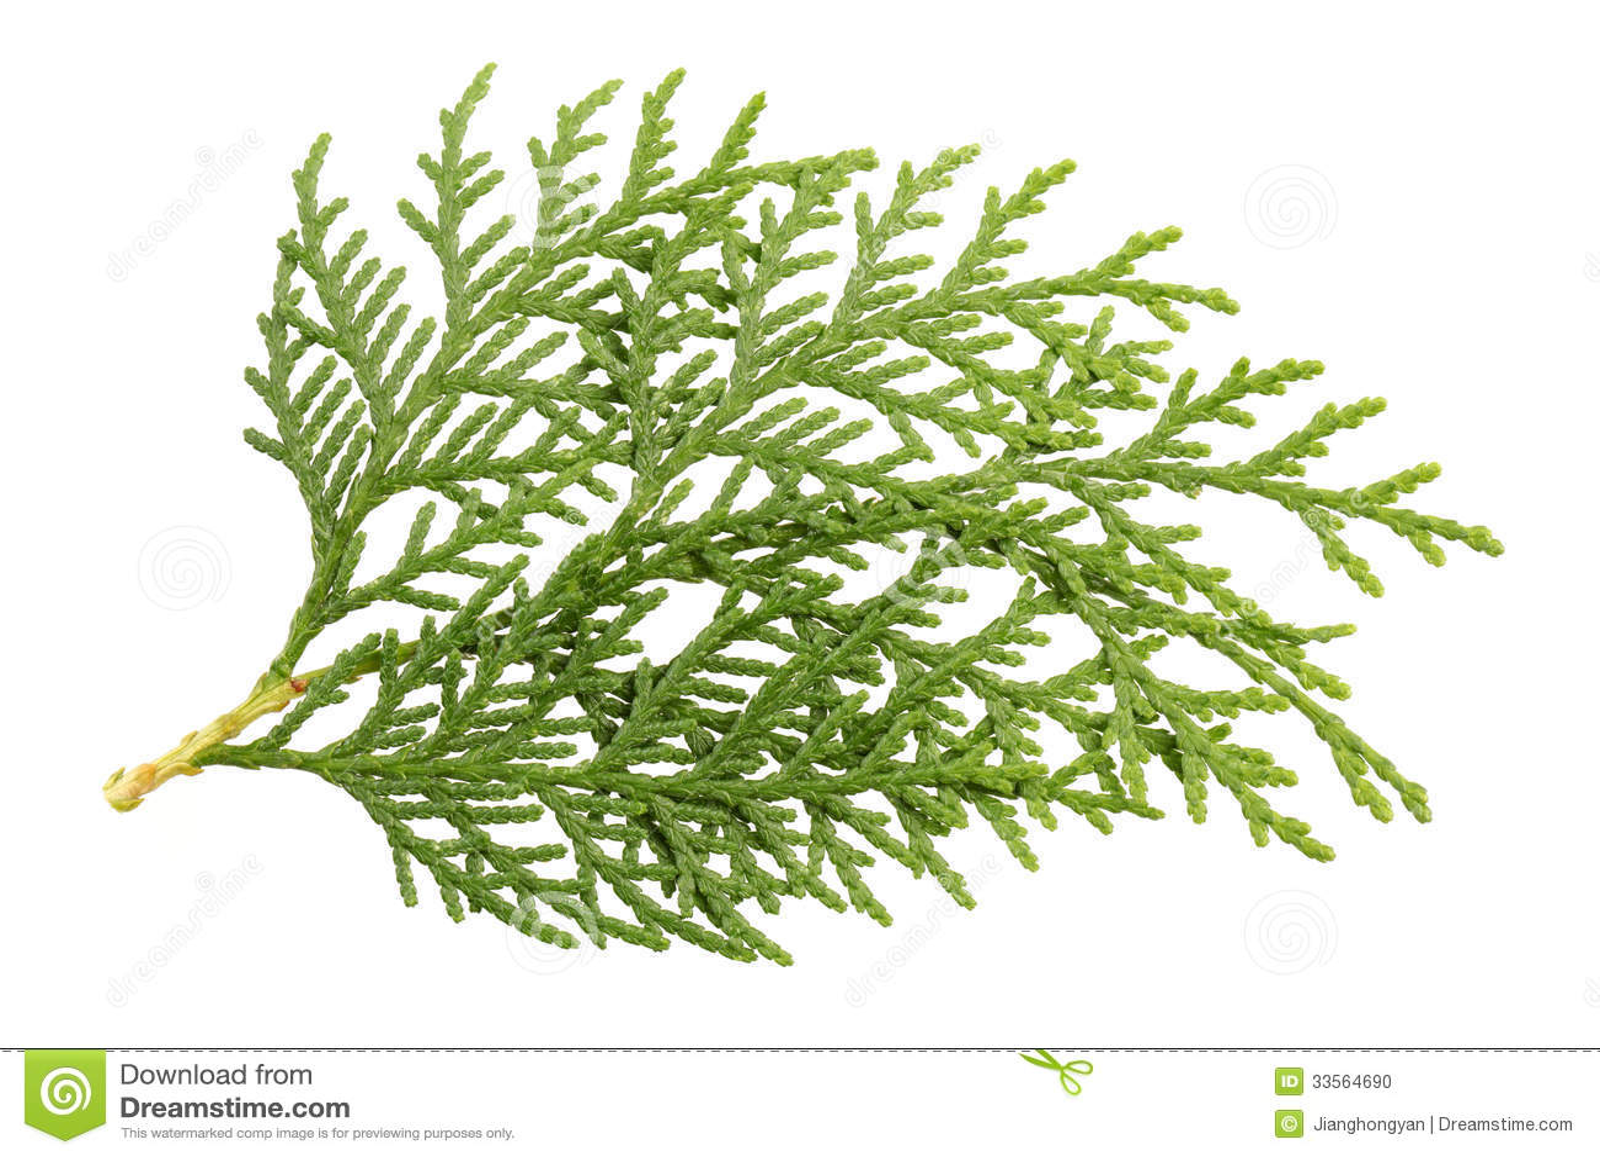 Leaves of pine tree or...